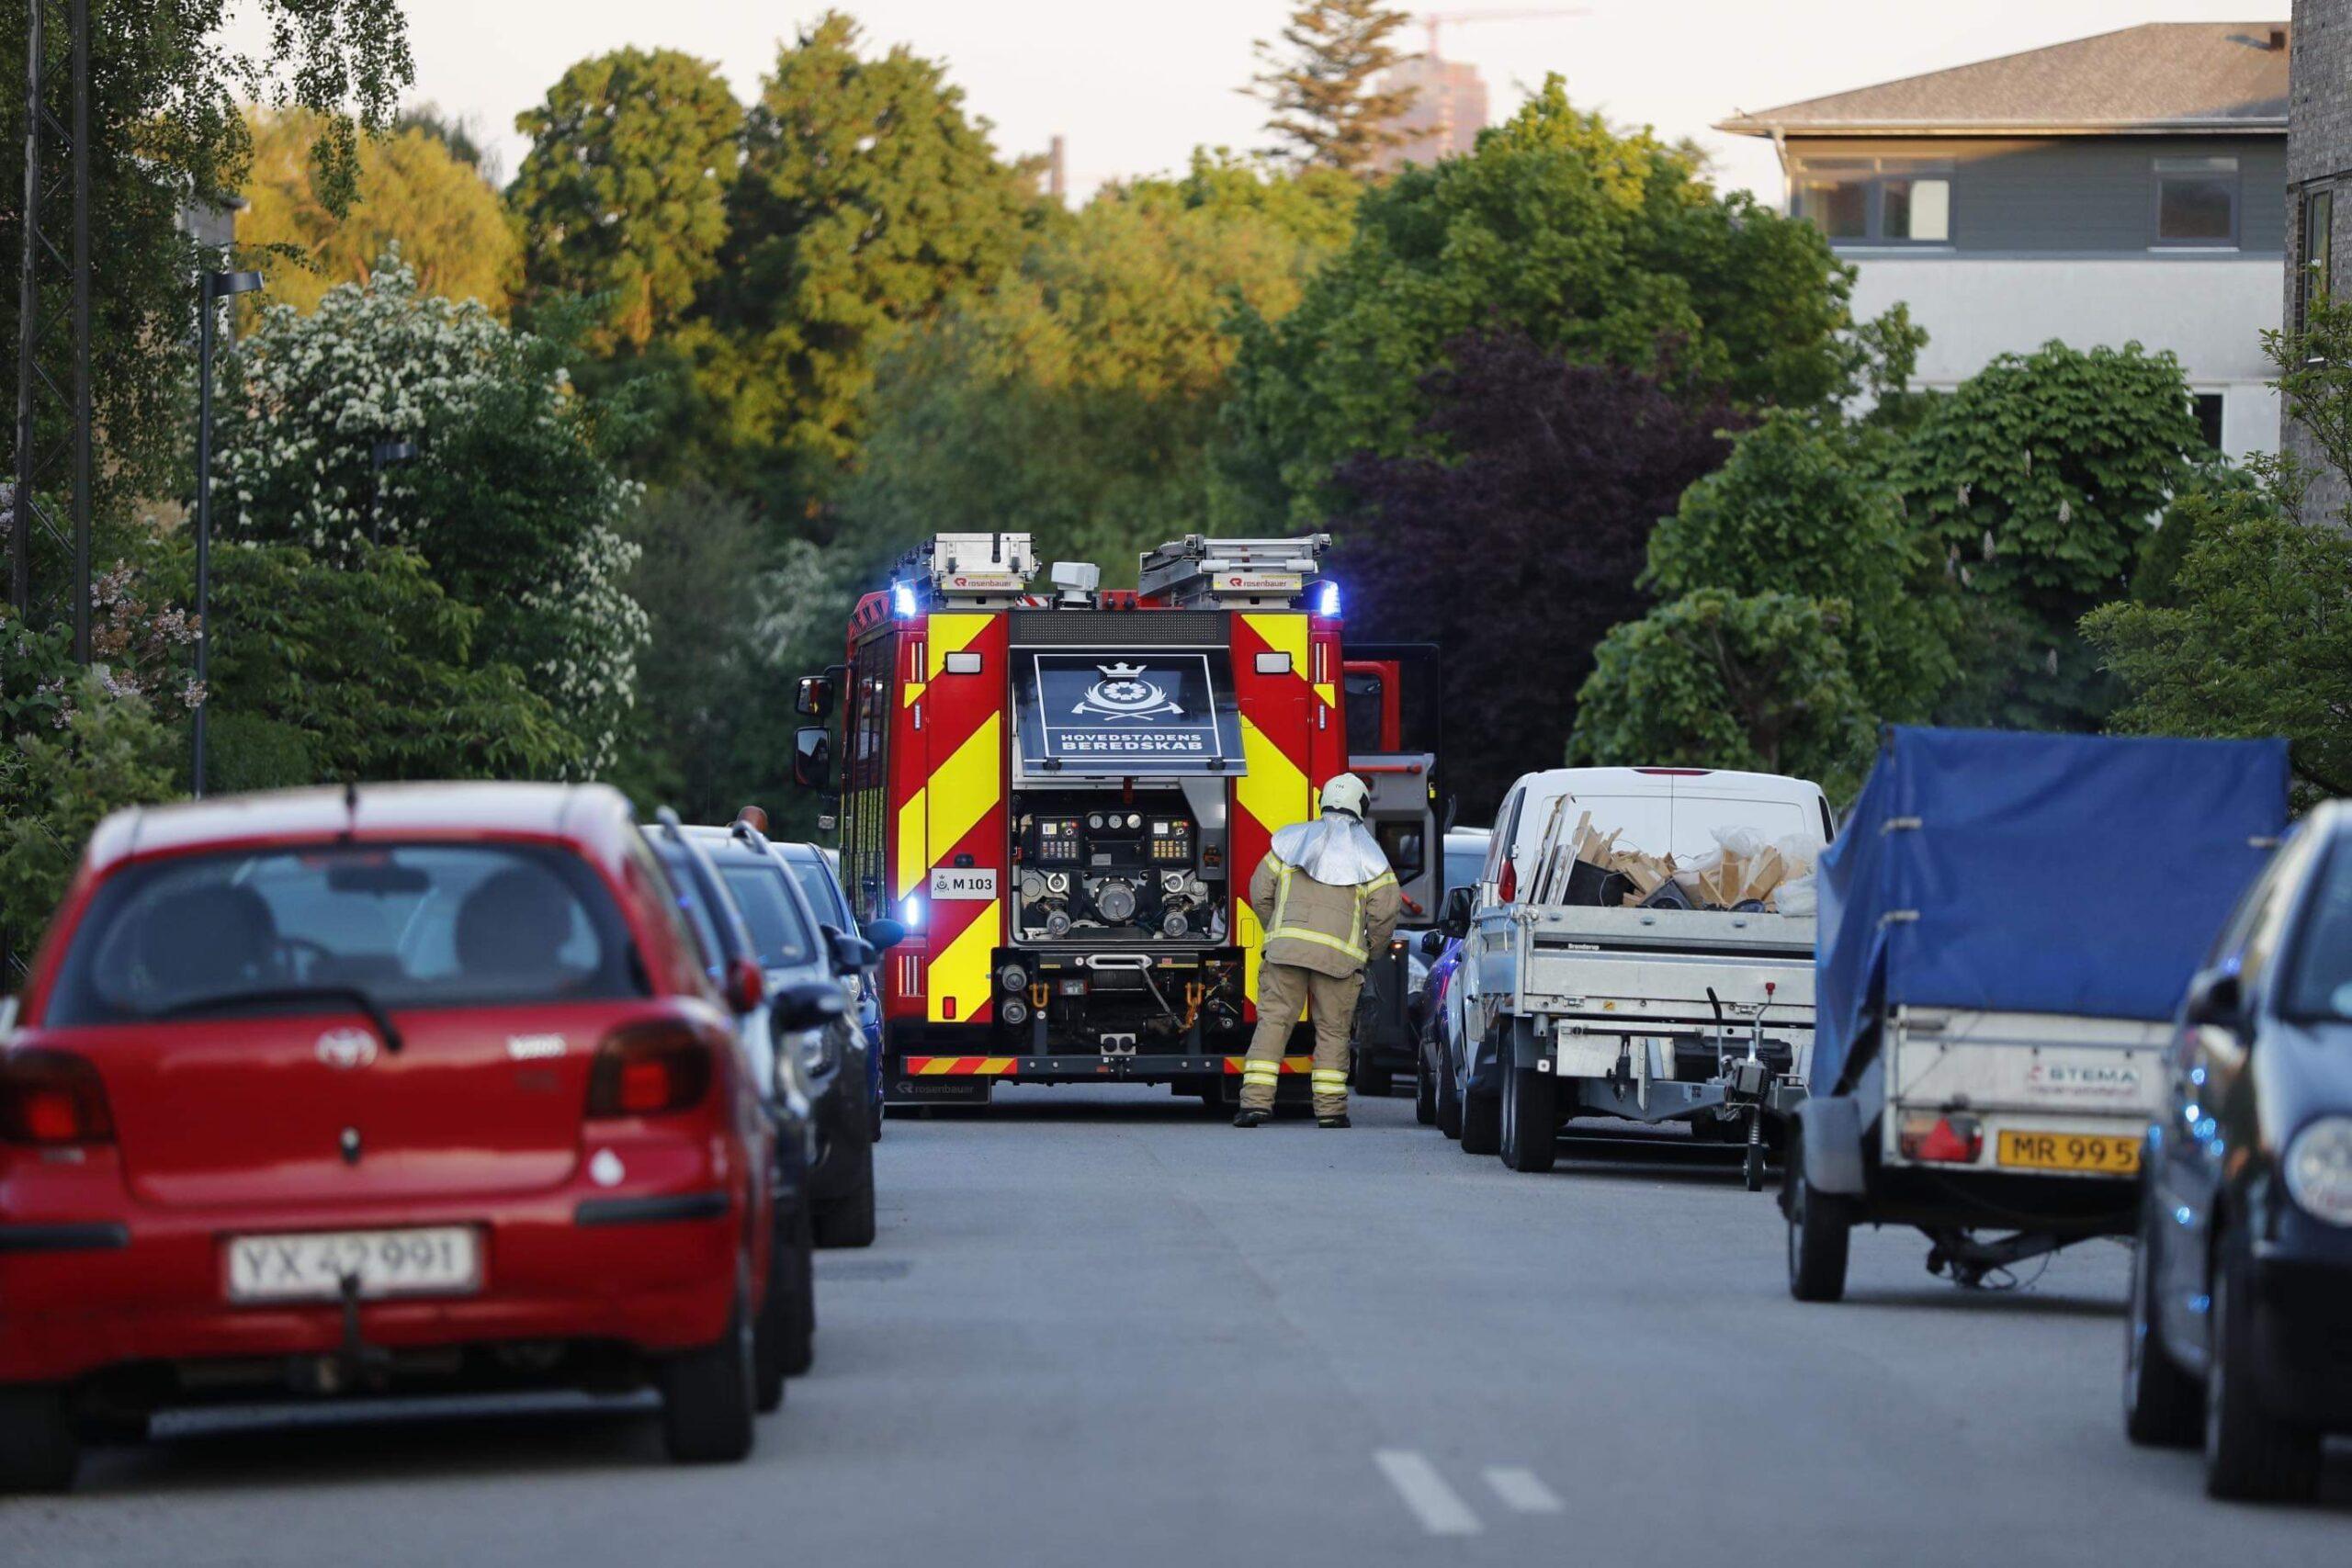 Mindre skraldespands brand i København